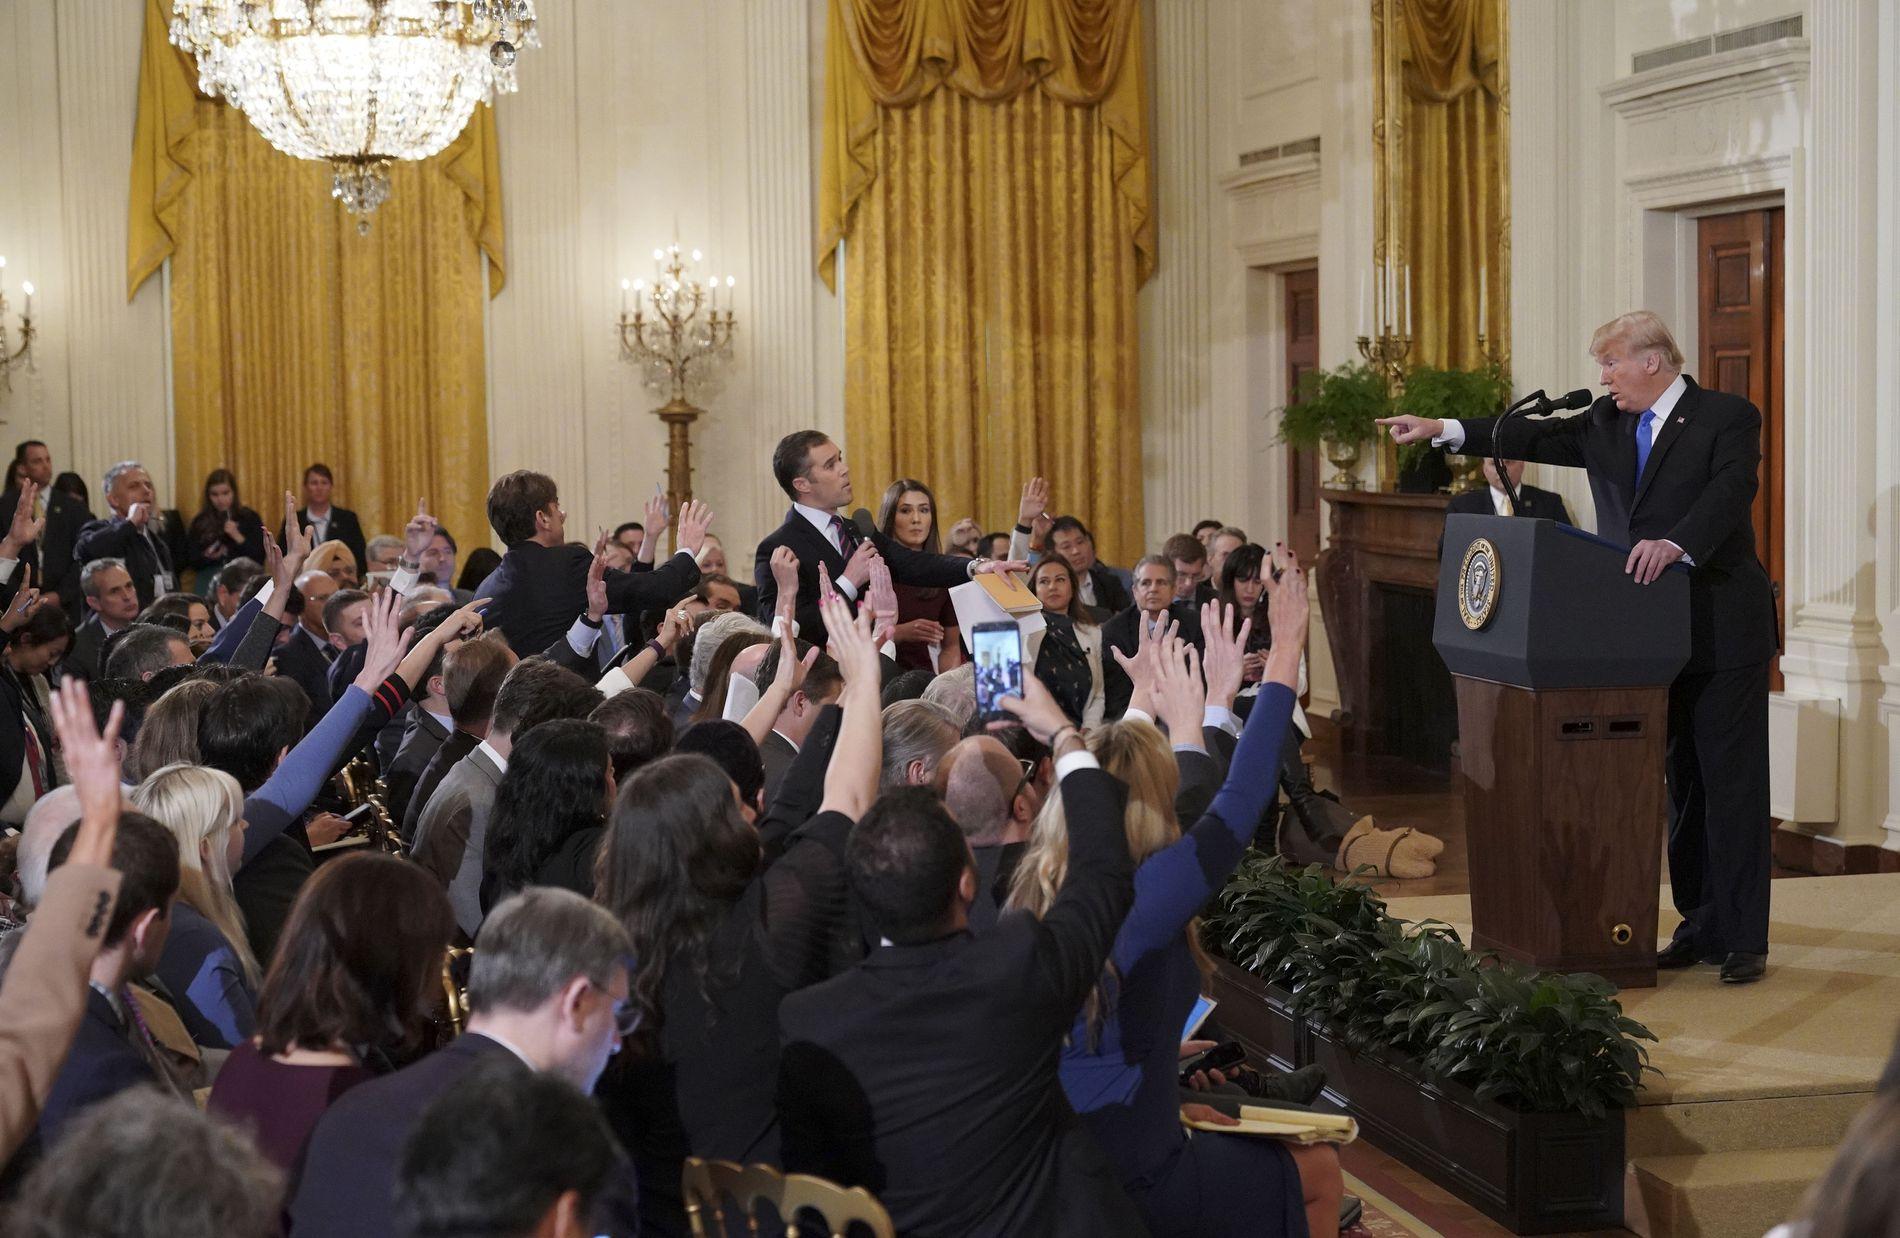 MANGE VIL SPØRRE: Presidenten svarte på mange spørsmål i løpet av onsdagens pressekonferanse.